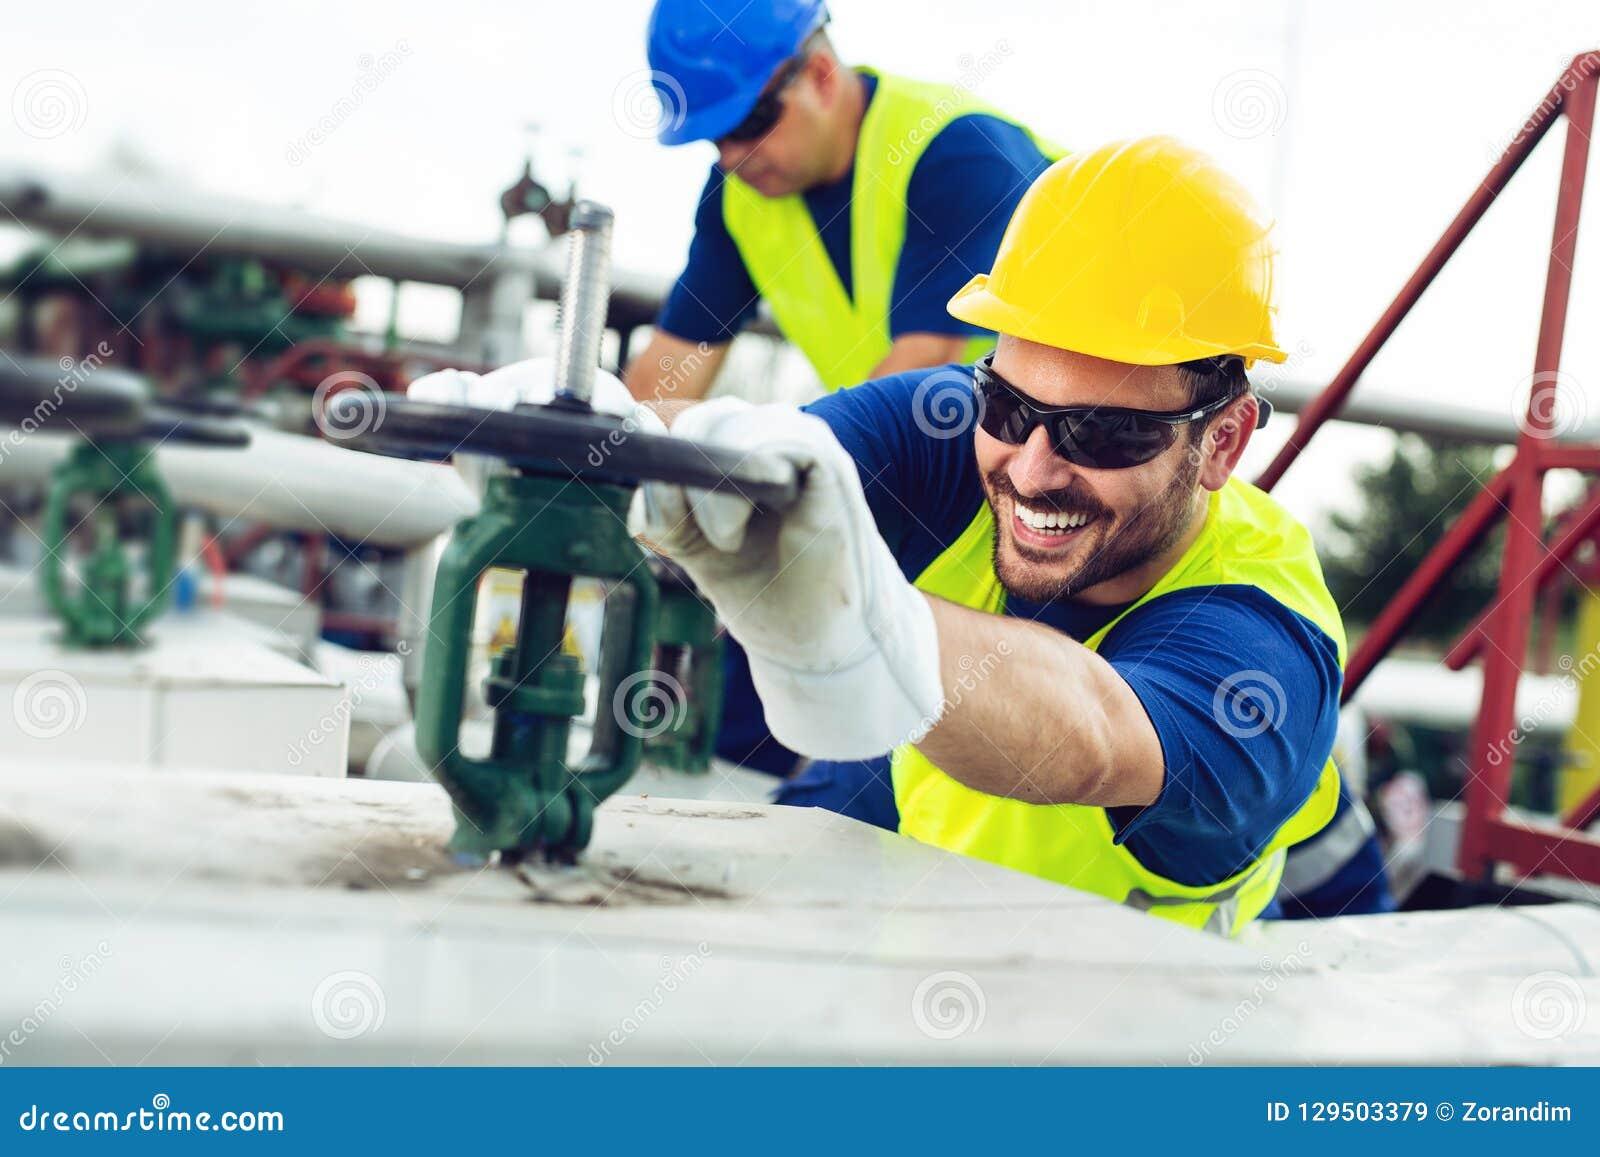 Ölarbeiter schließt das Ventil auf der Ölpipeline